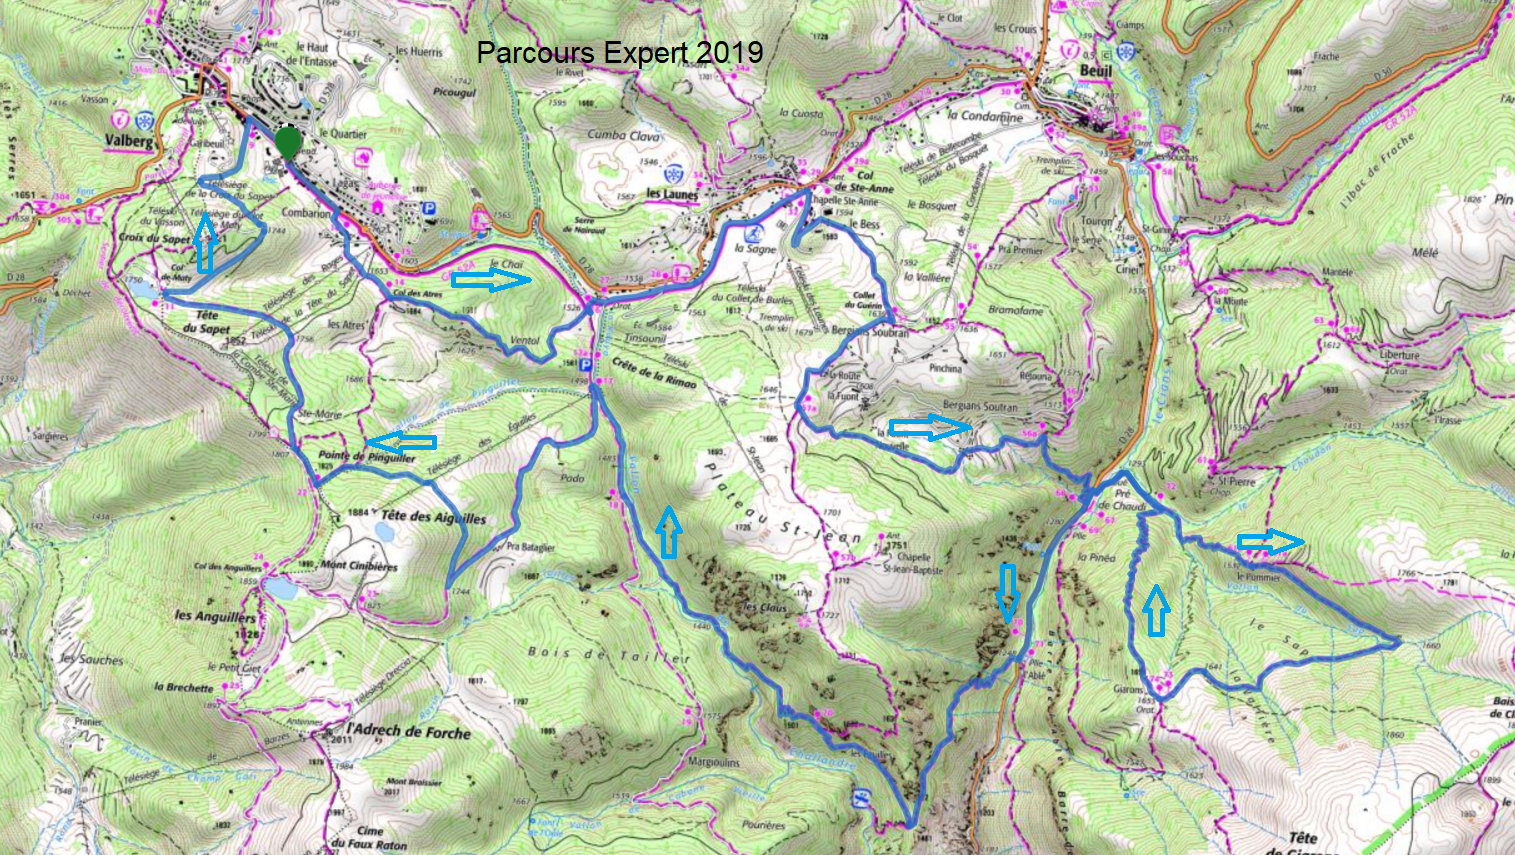 Parcours-Expert-samedi-28-2019